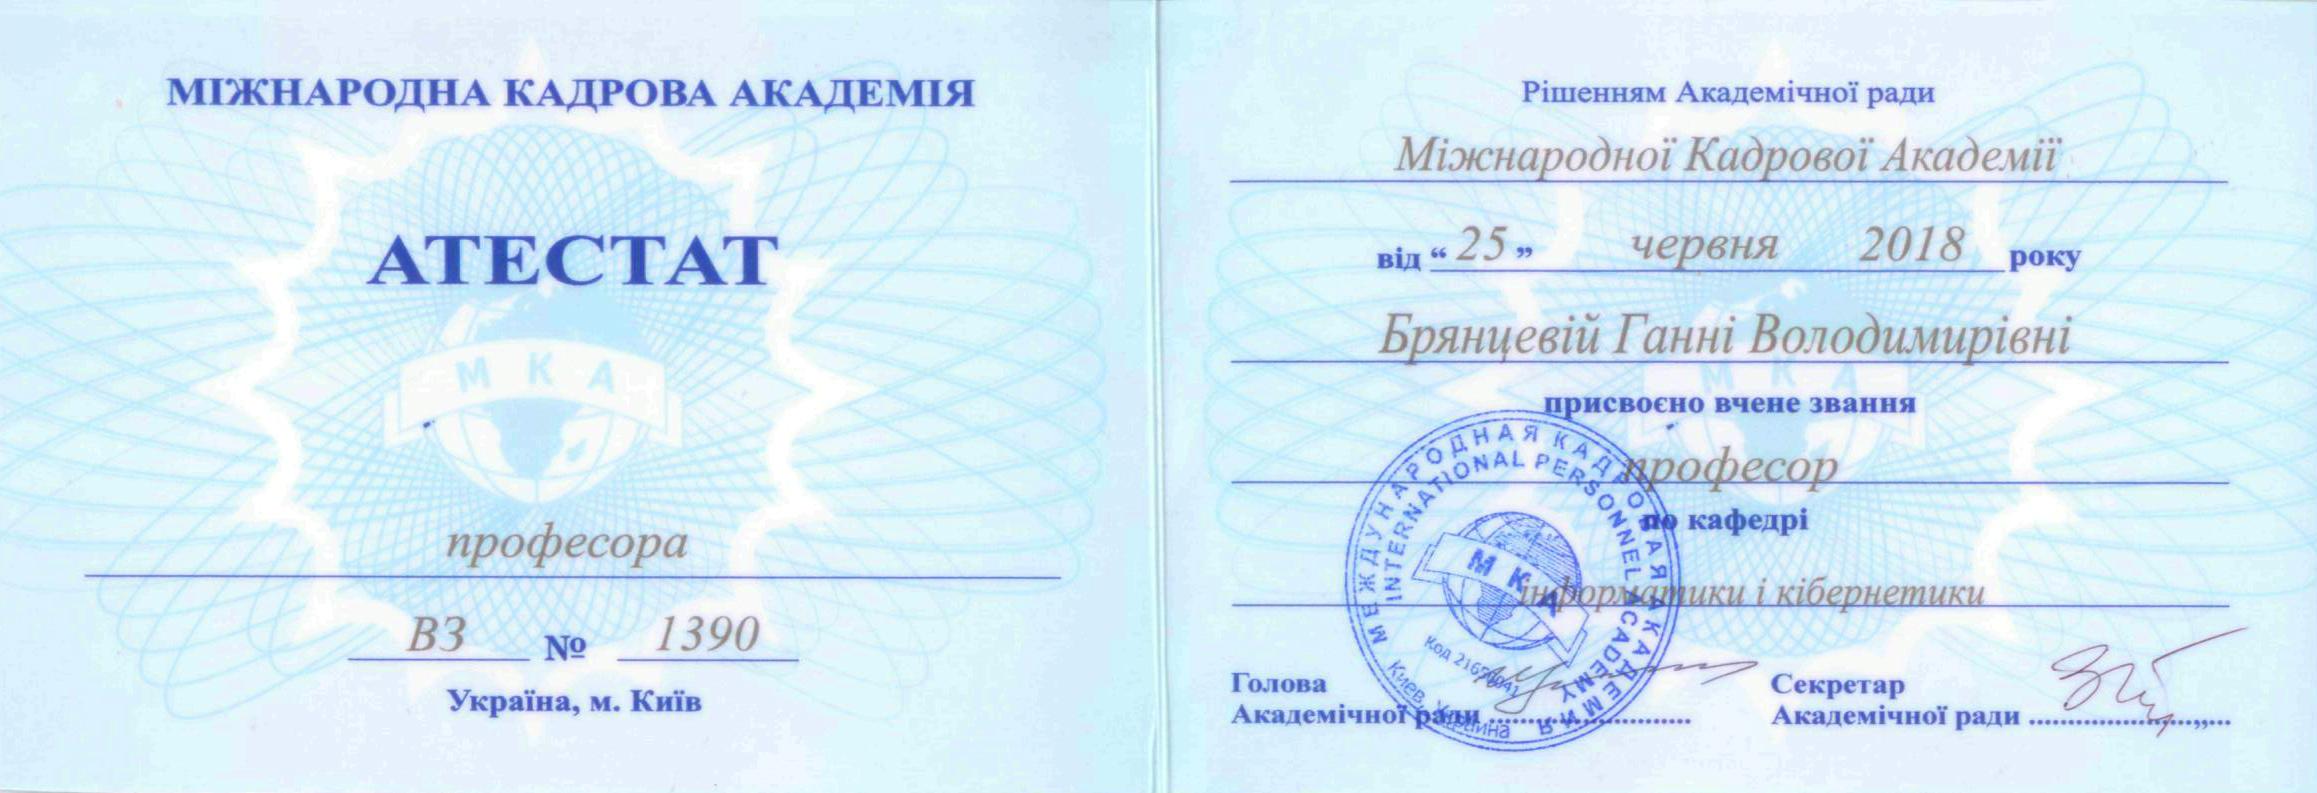 Звання професора Міжнародної Кадрової Академії отримала Ганна Брянцева